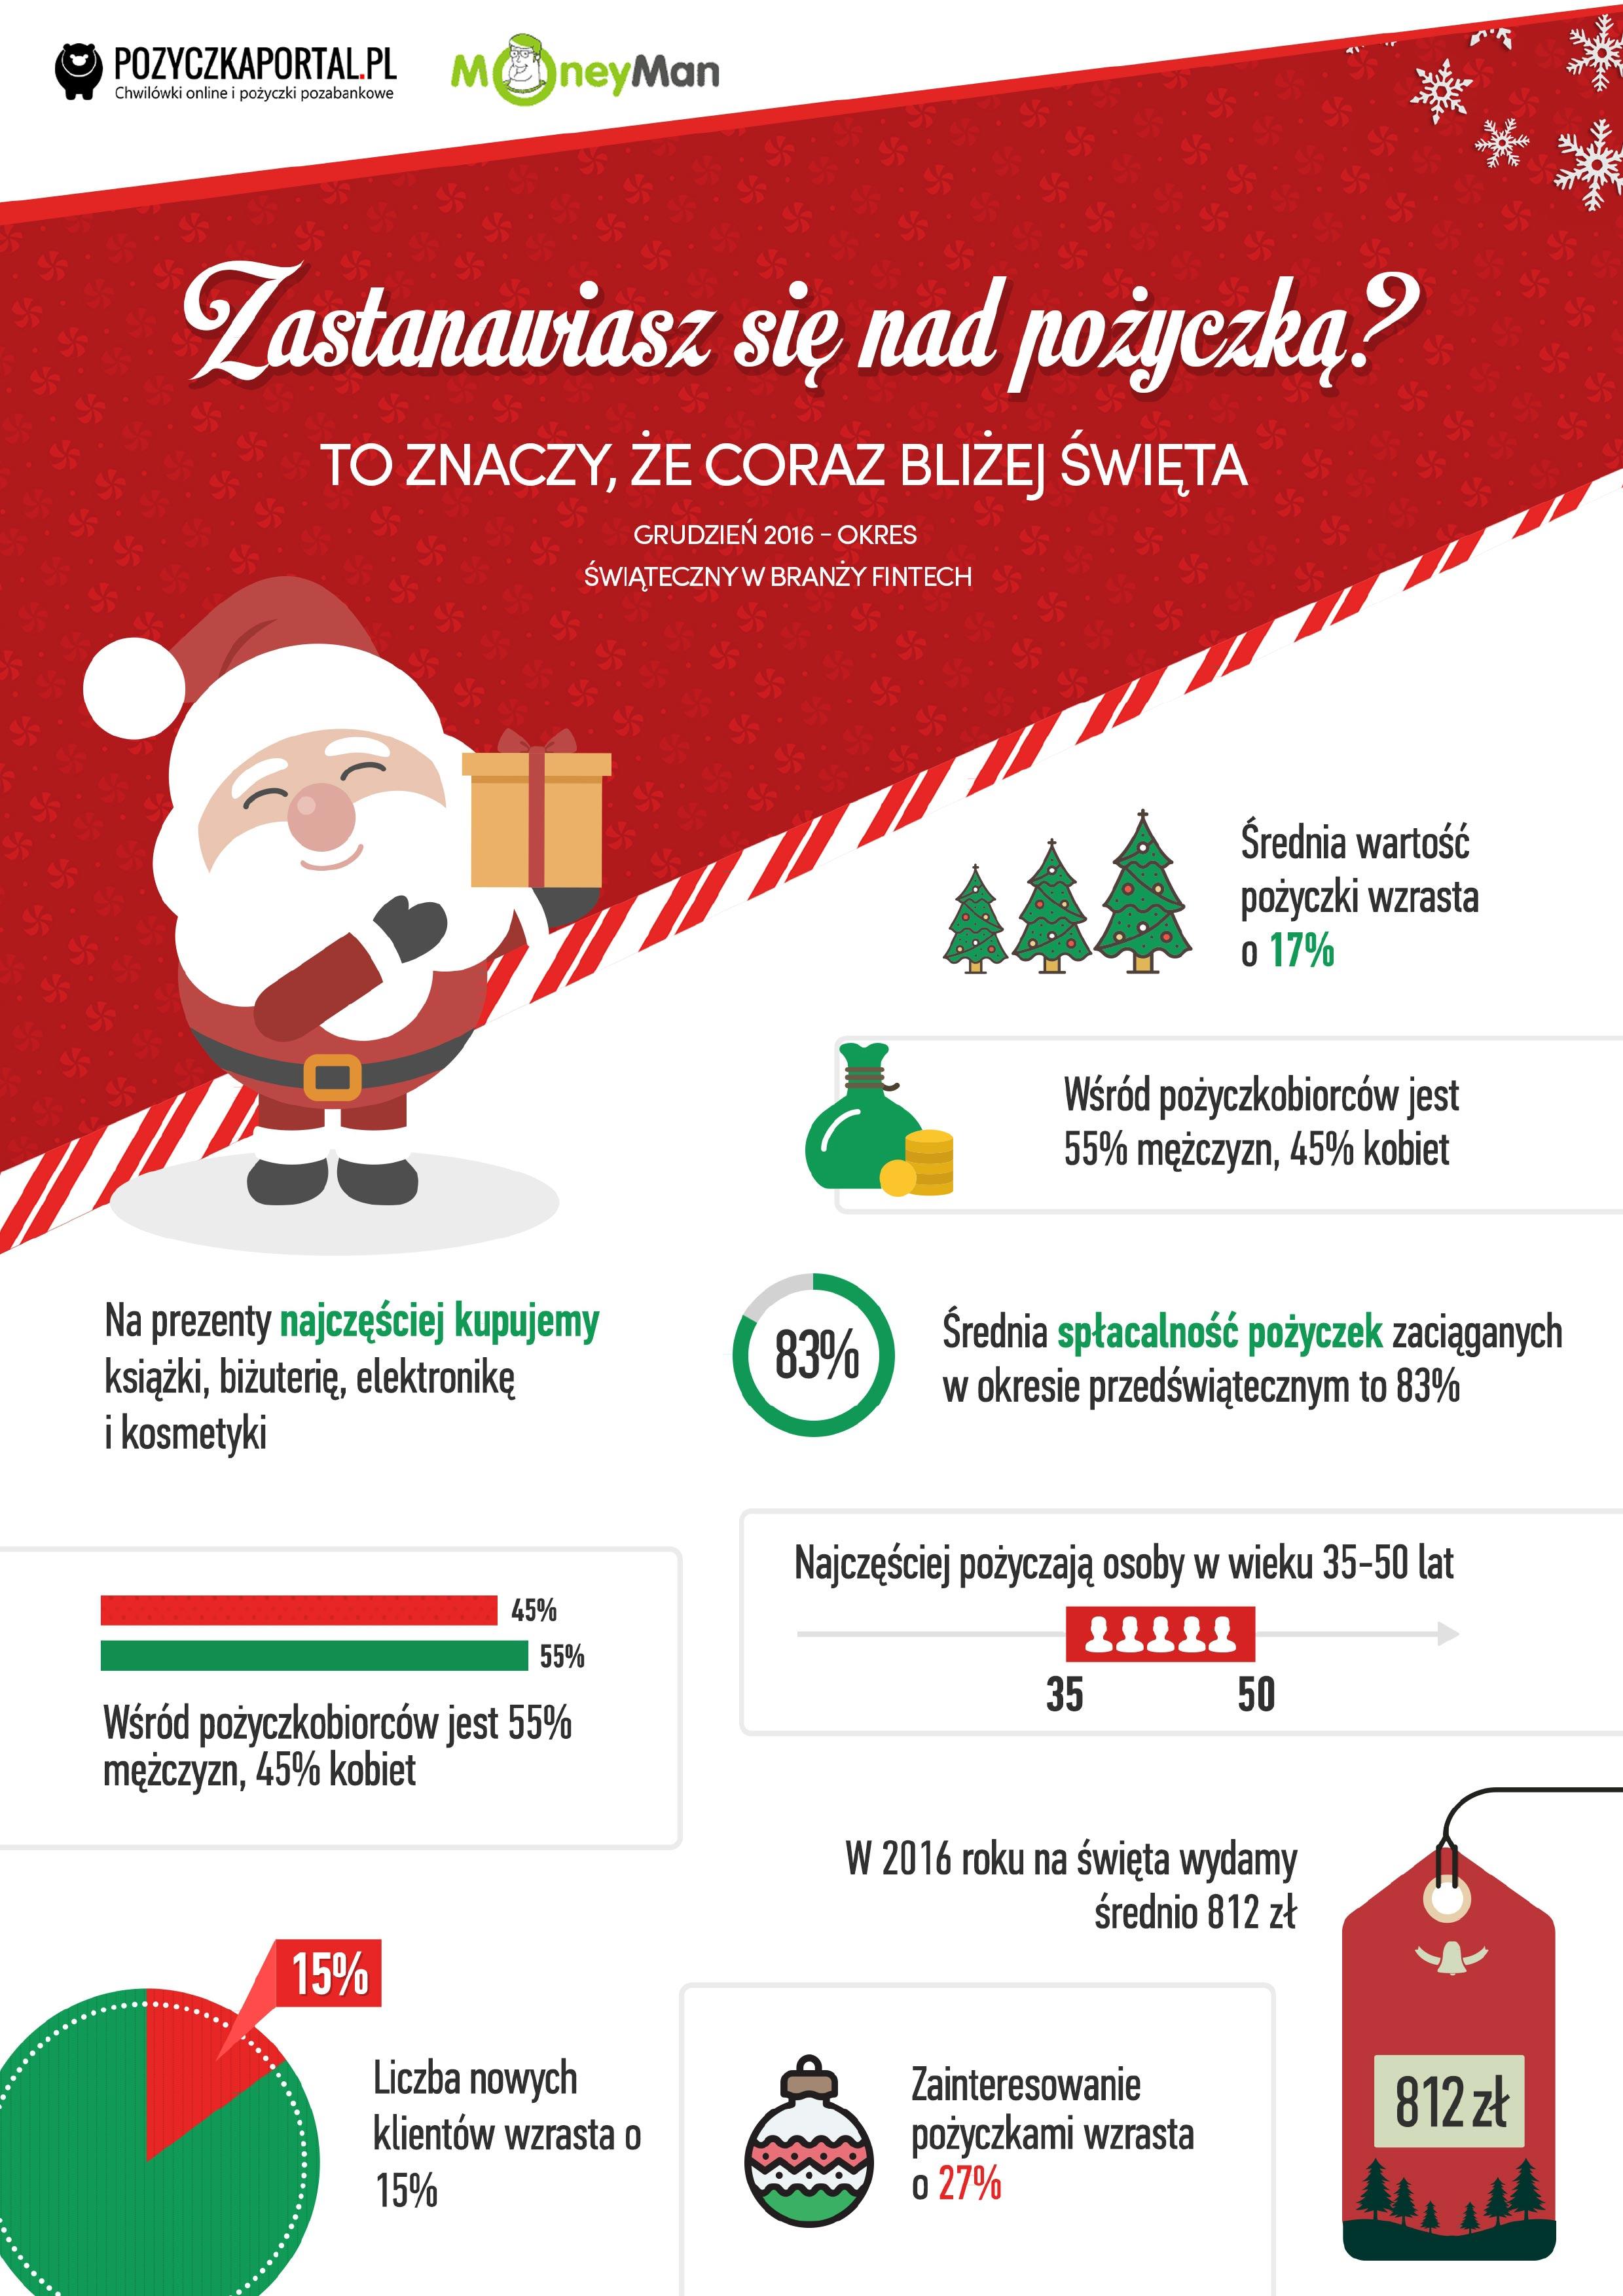 Świąteczna Infografika Pozyczkaportal.pl przy współpracy z Moneyman.pl